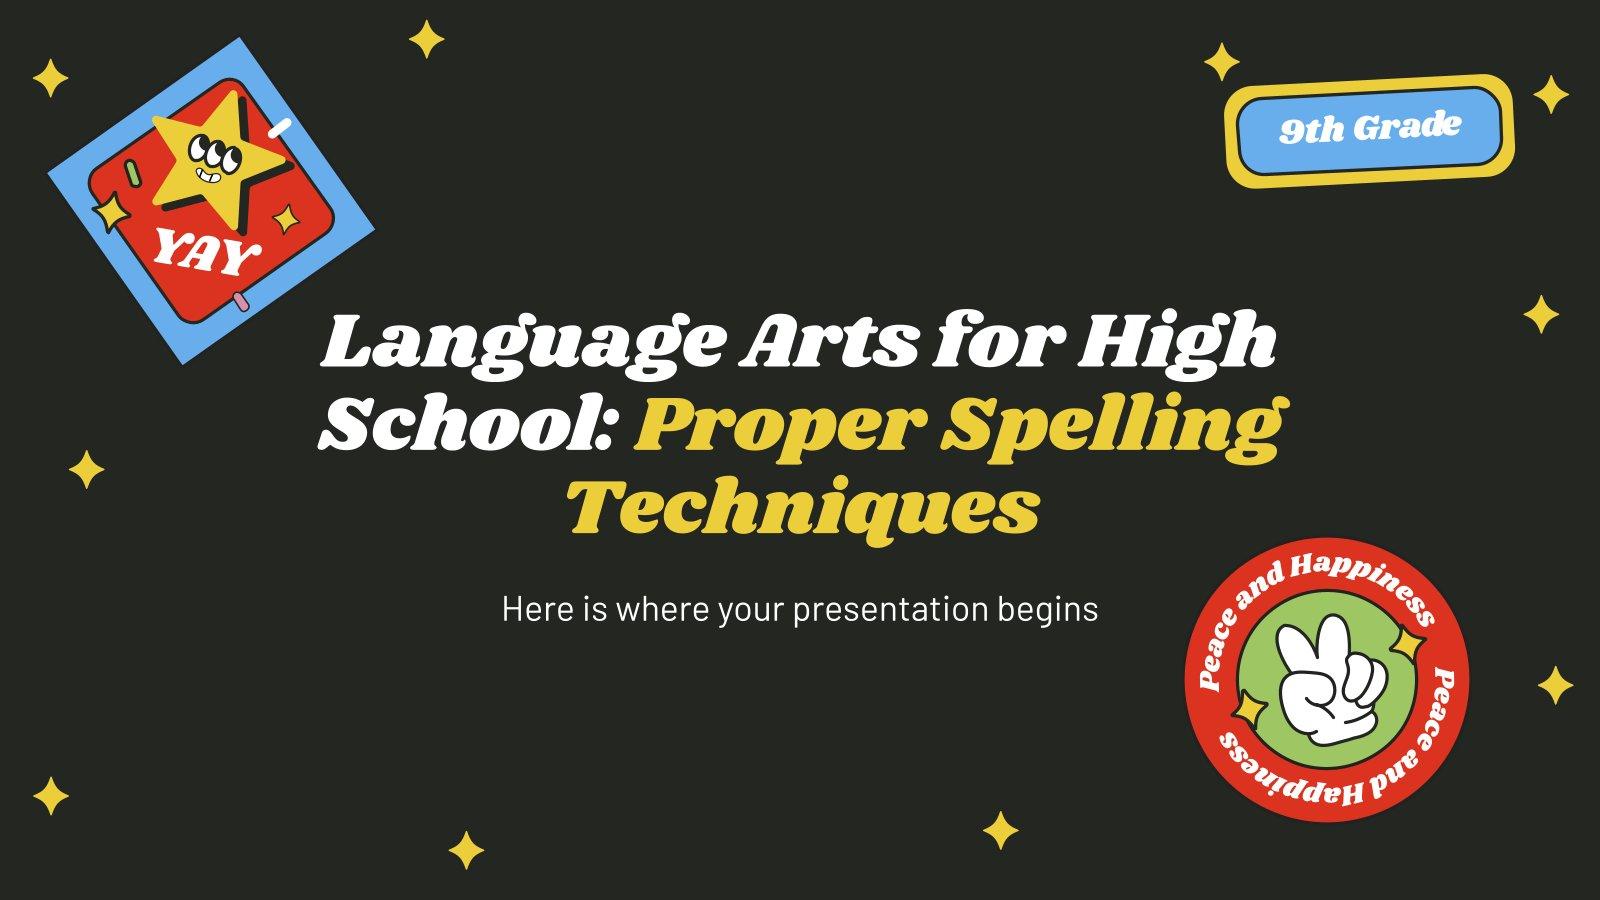 Sprache für die 9. Klasse: Rechtschreibtechniken Präsentationsvorlage